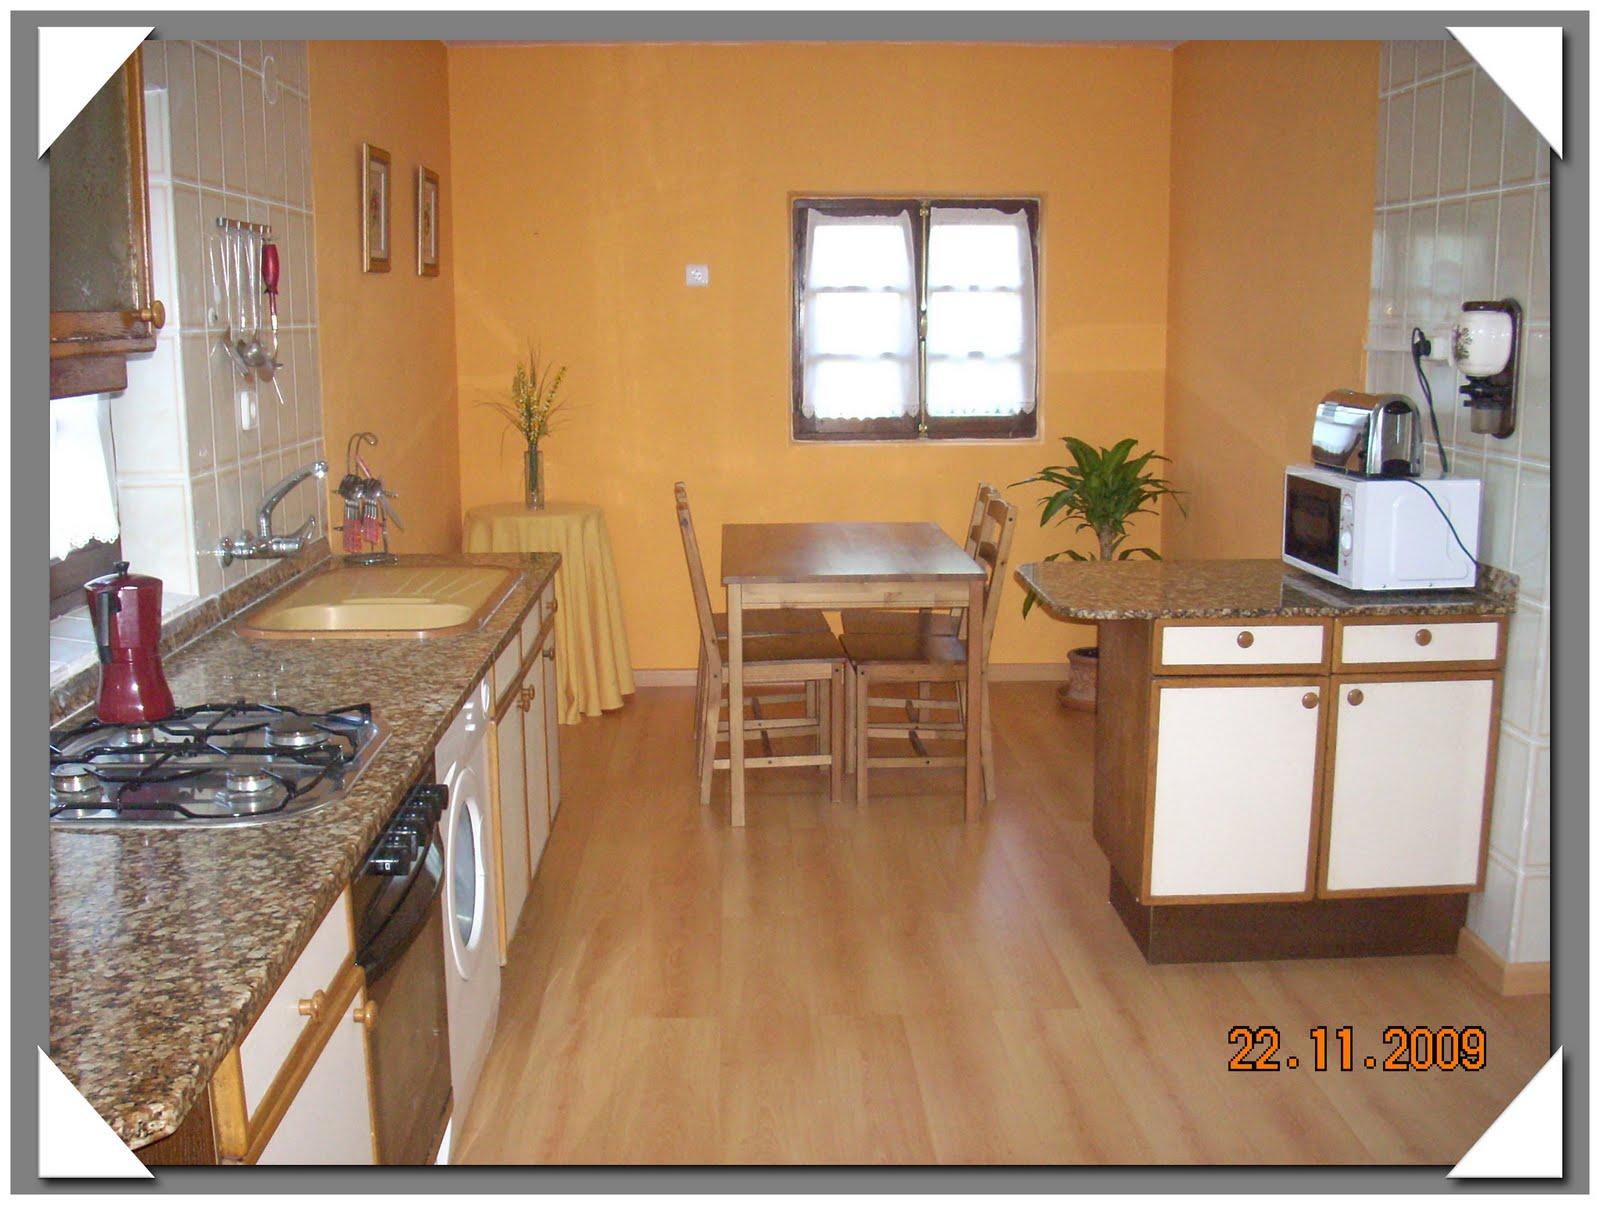 Turismo rural en cantabria la casa de mamasita cocina for Cocina 6 metros cuadrados